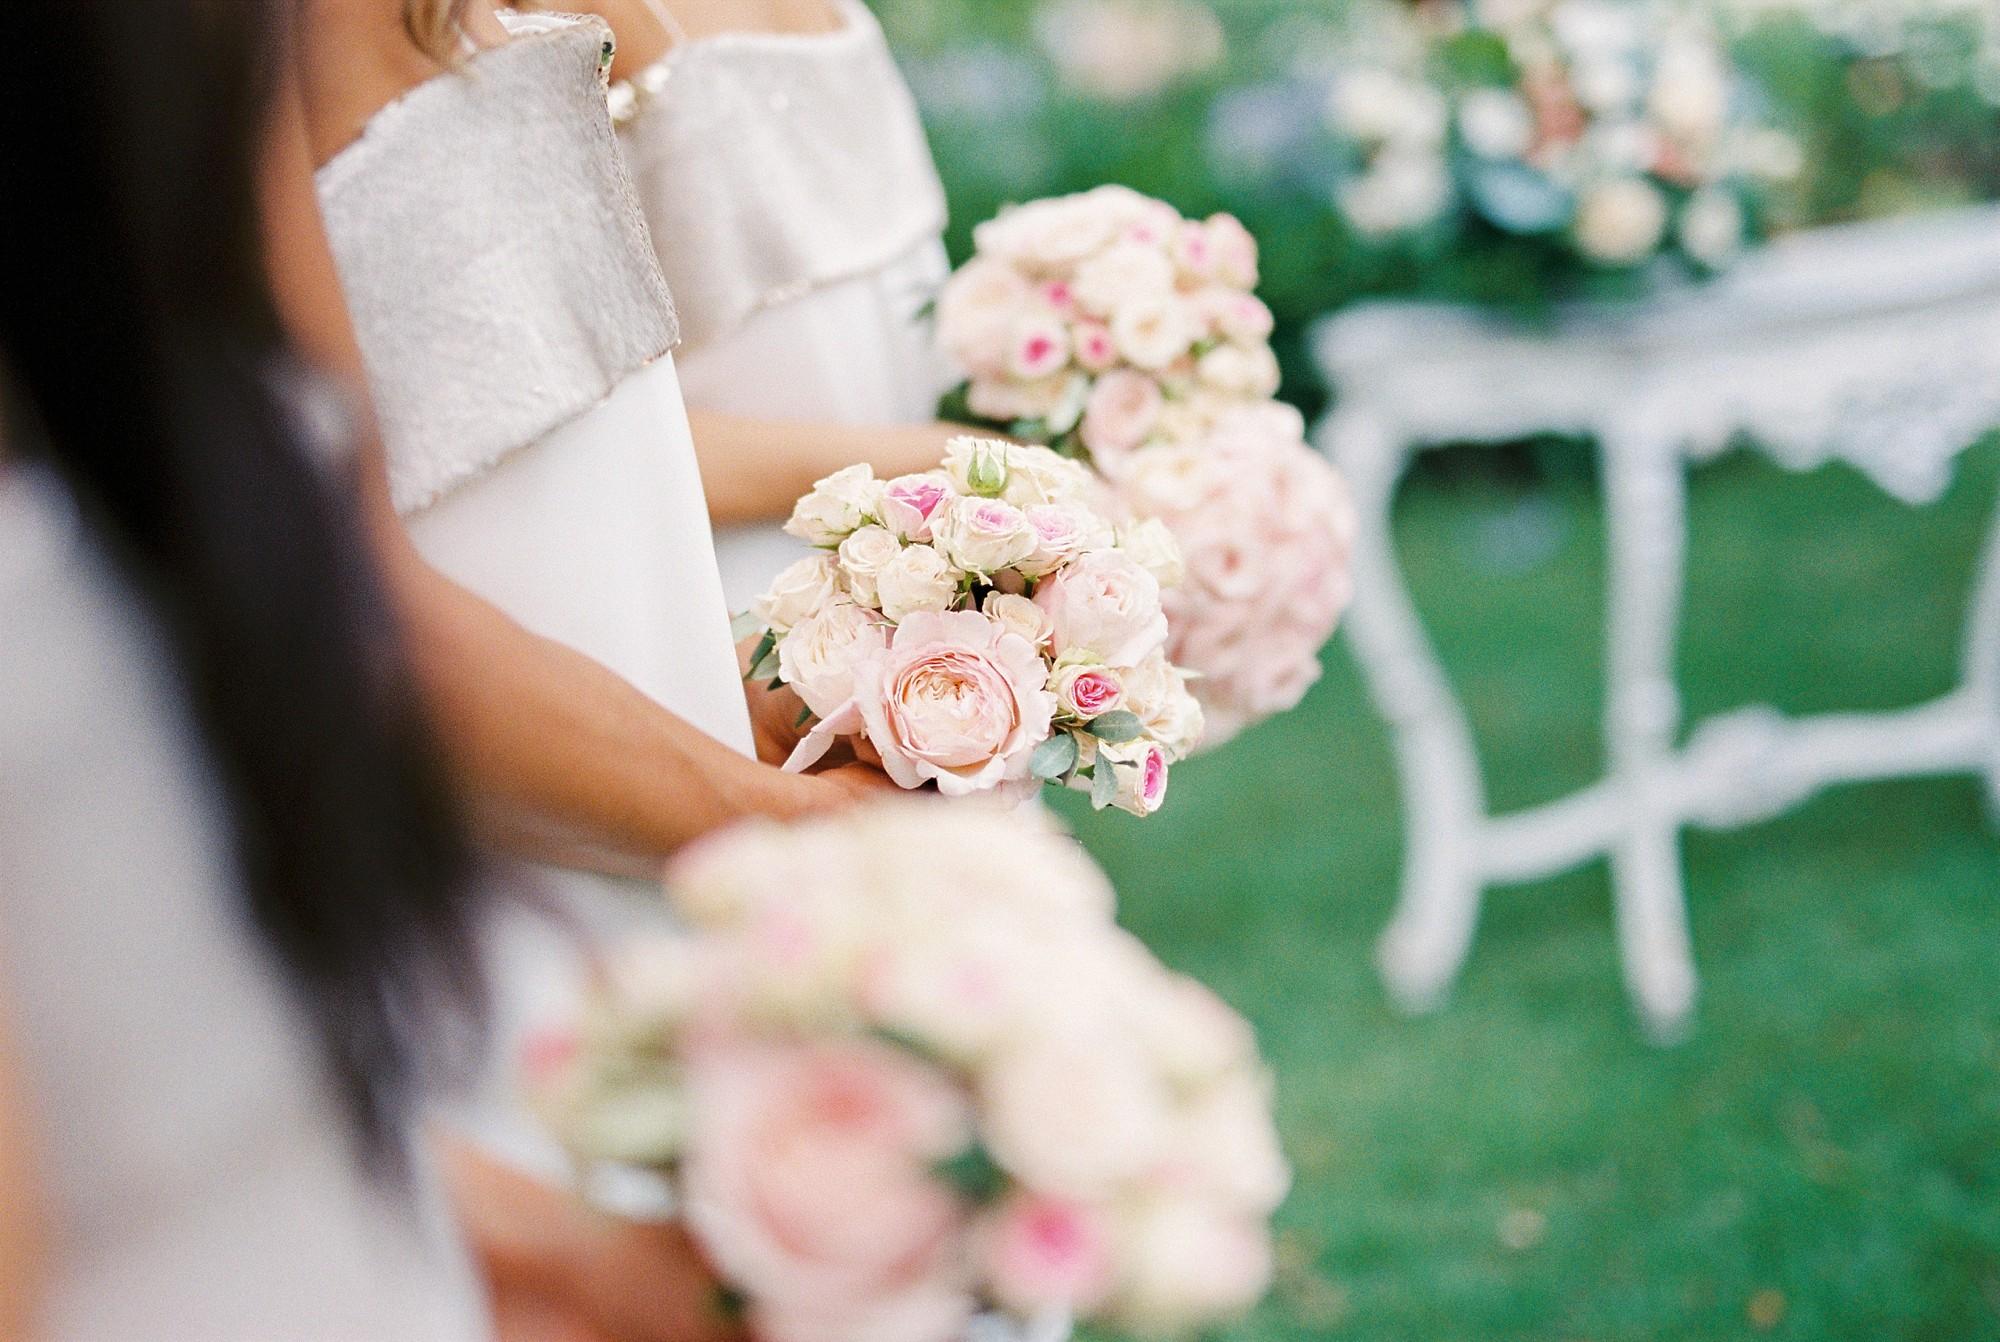 fotografos de boda en valencia barcelona mallorca wedding photographer082.jpg